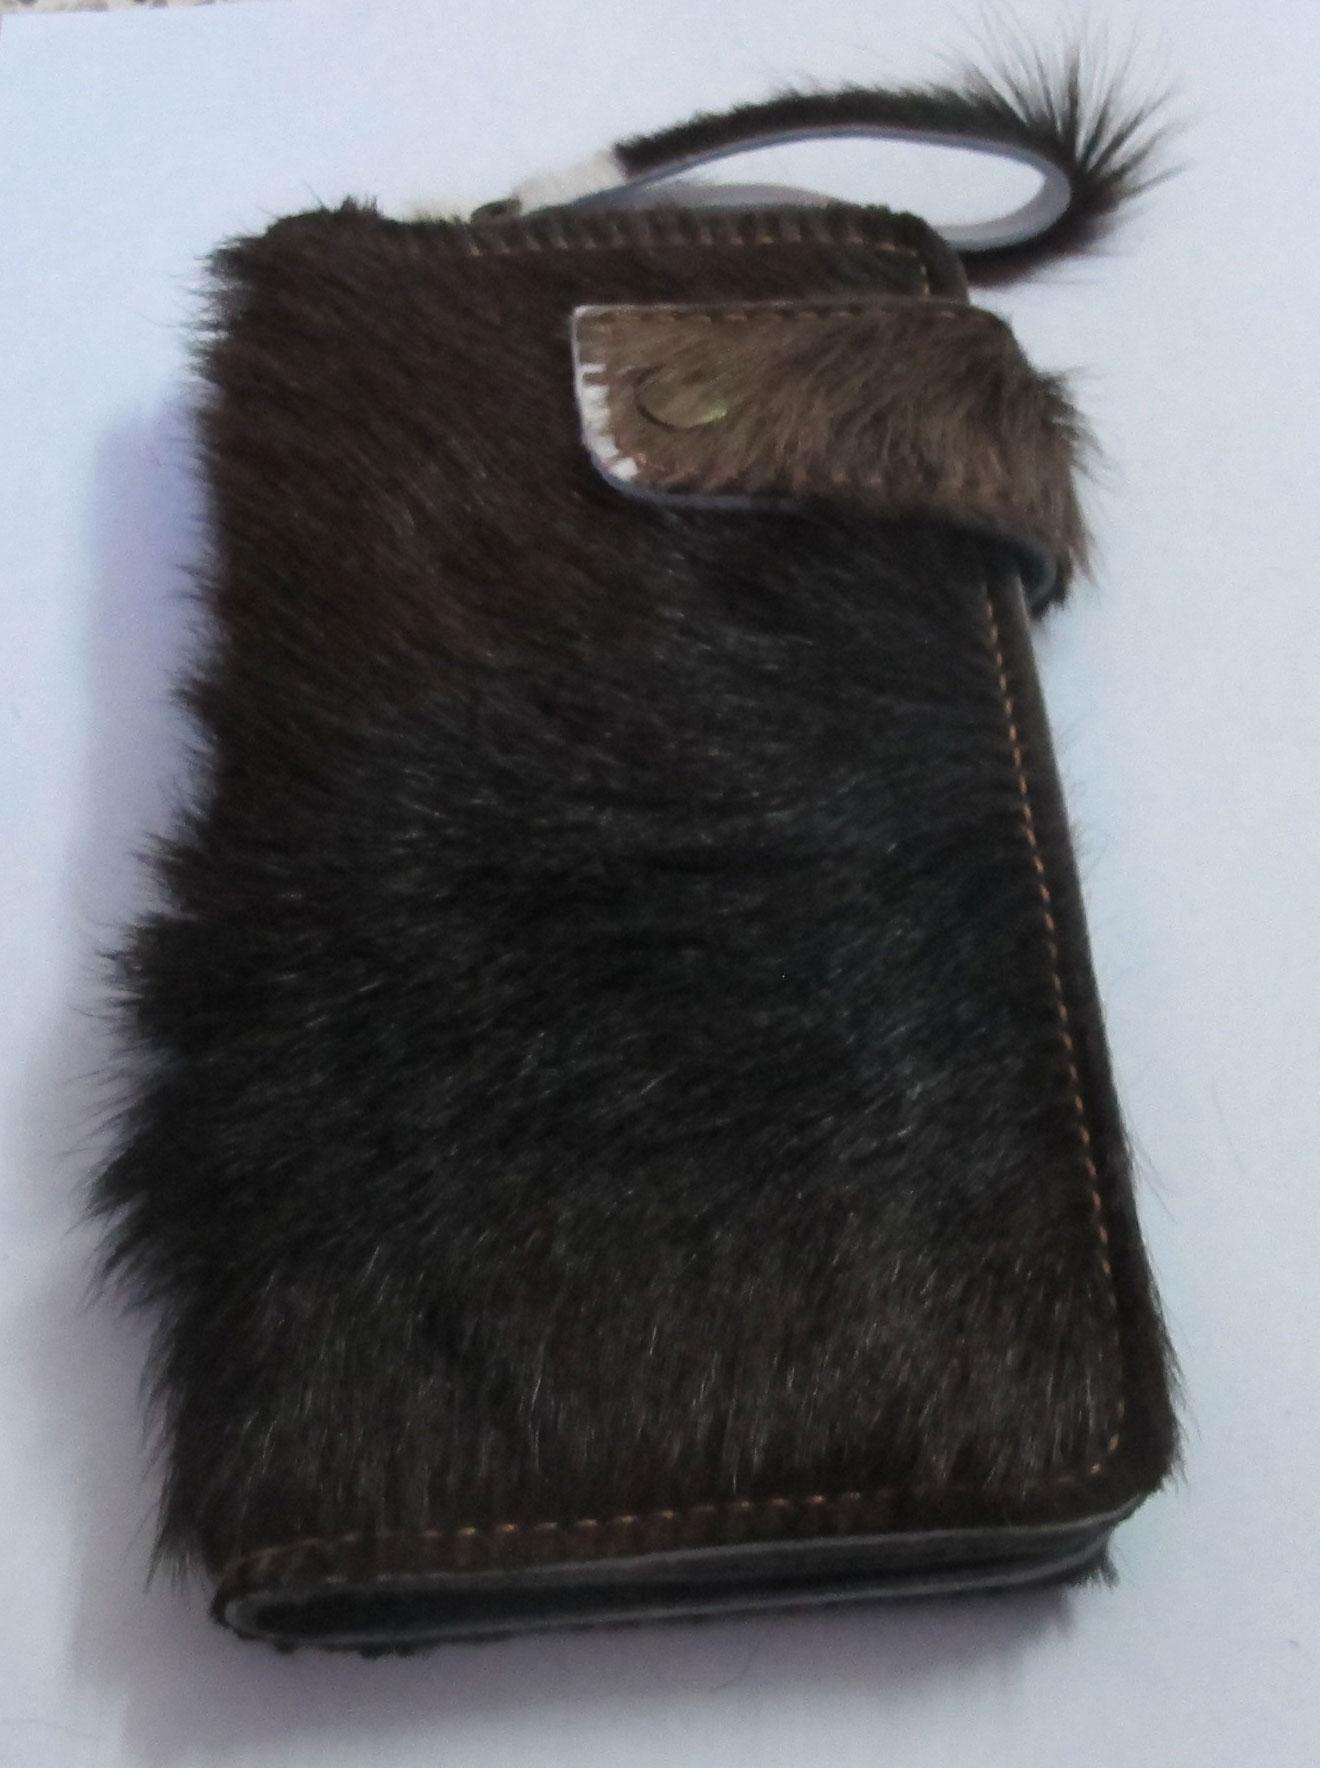 กระเป๋าสตางค์ยาว ขนวัวแท้ สัมผัสนุ่มมือ สุดเทห์ สไตน์ Cowboy